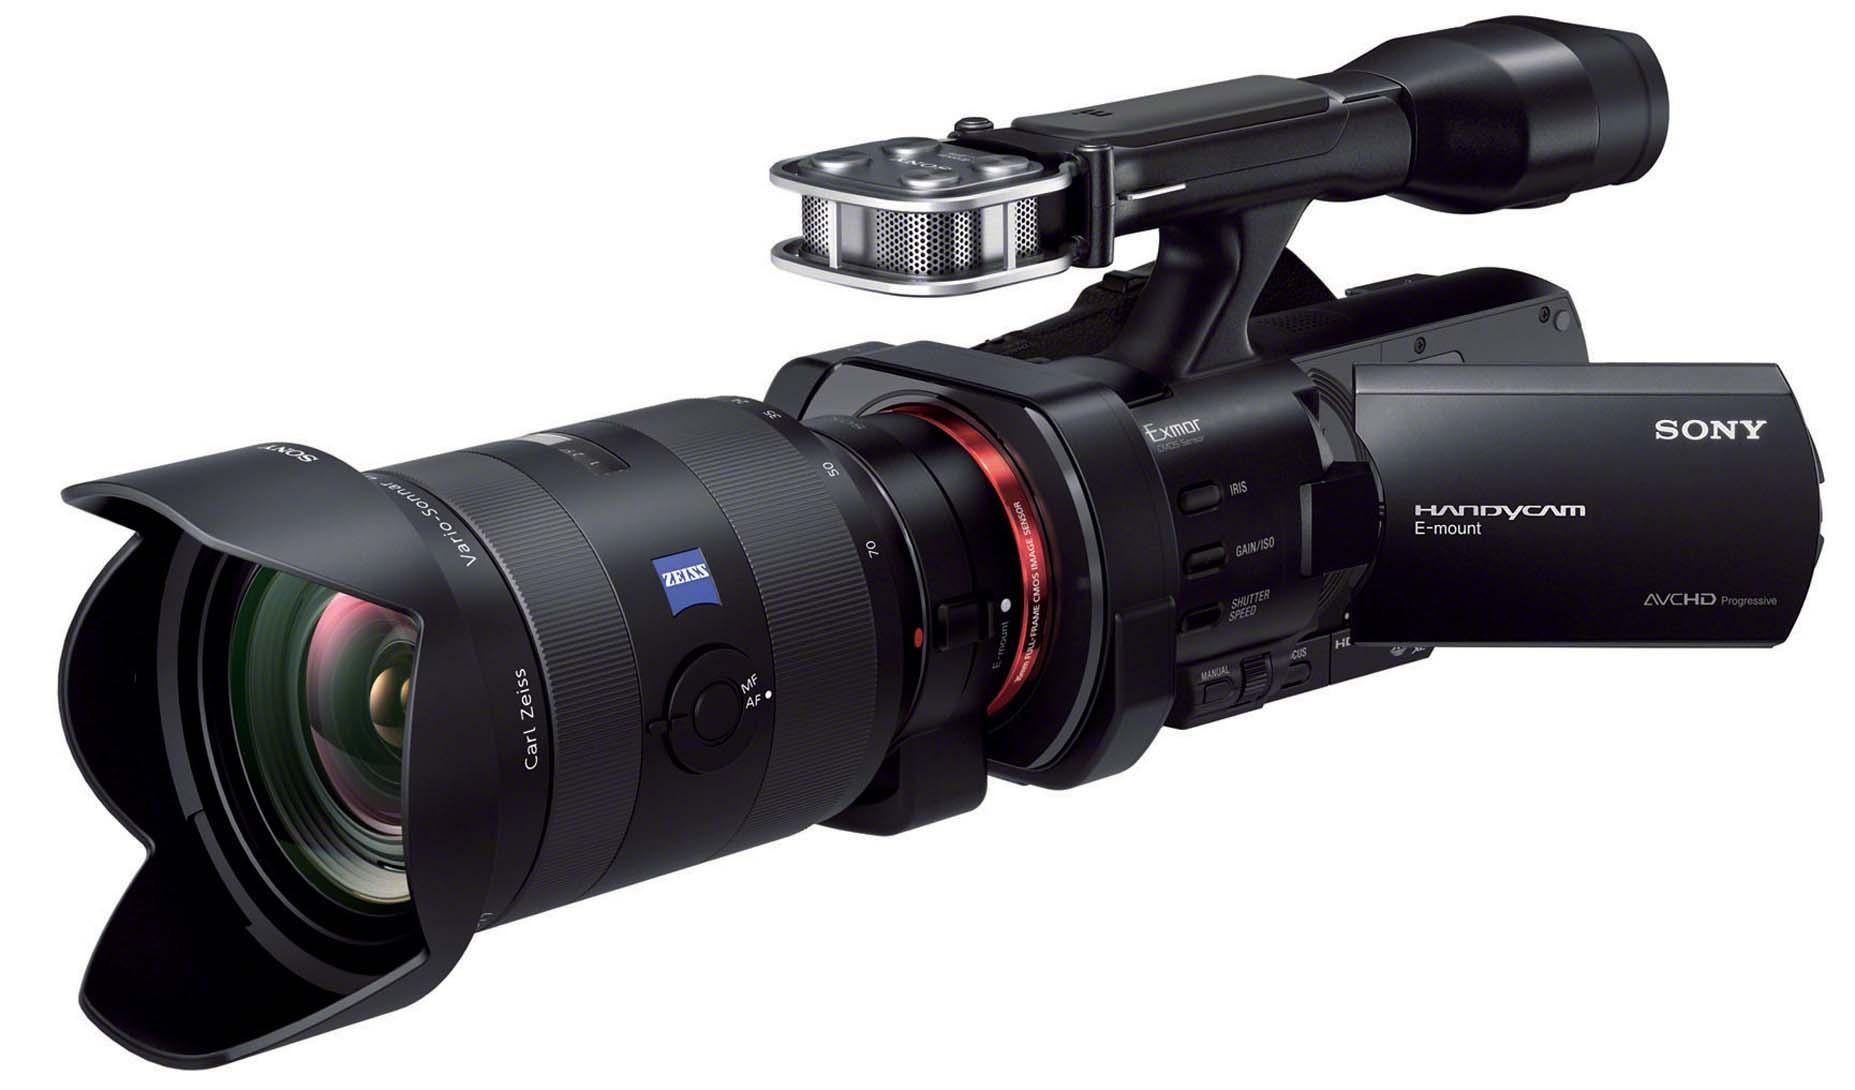 Spesifikasi Handycam sony NEX-VG900E